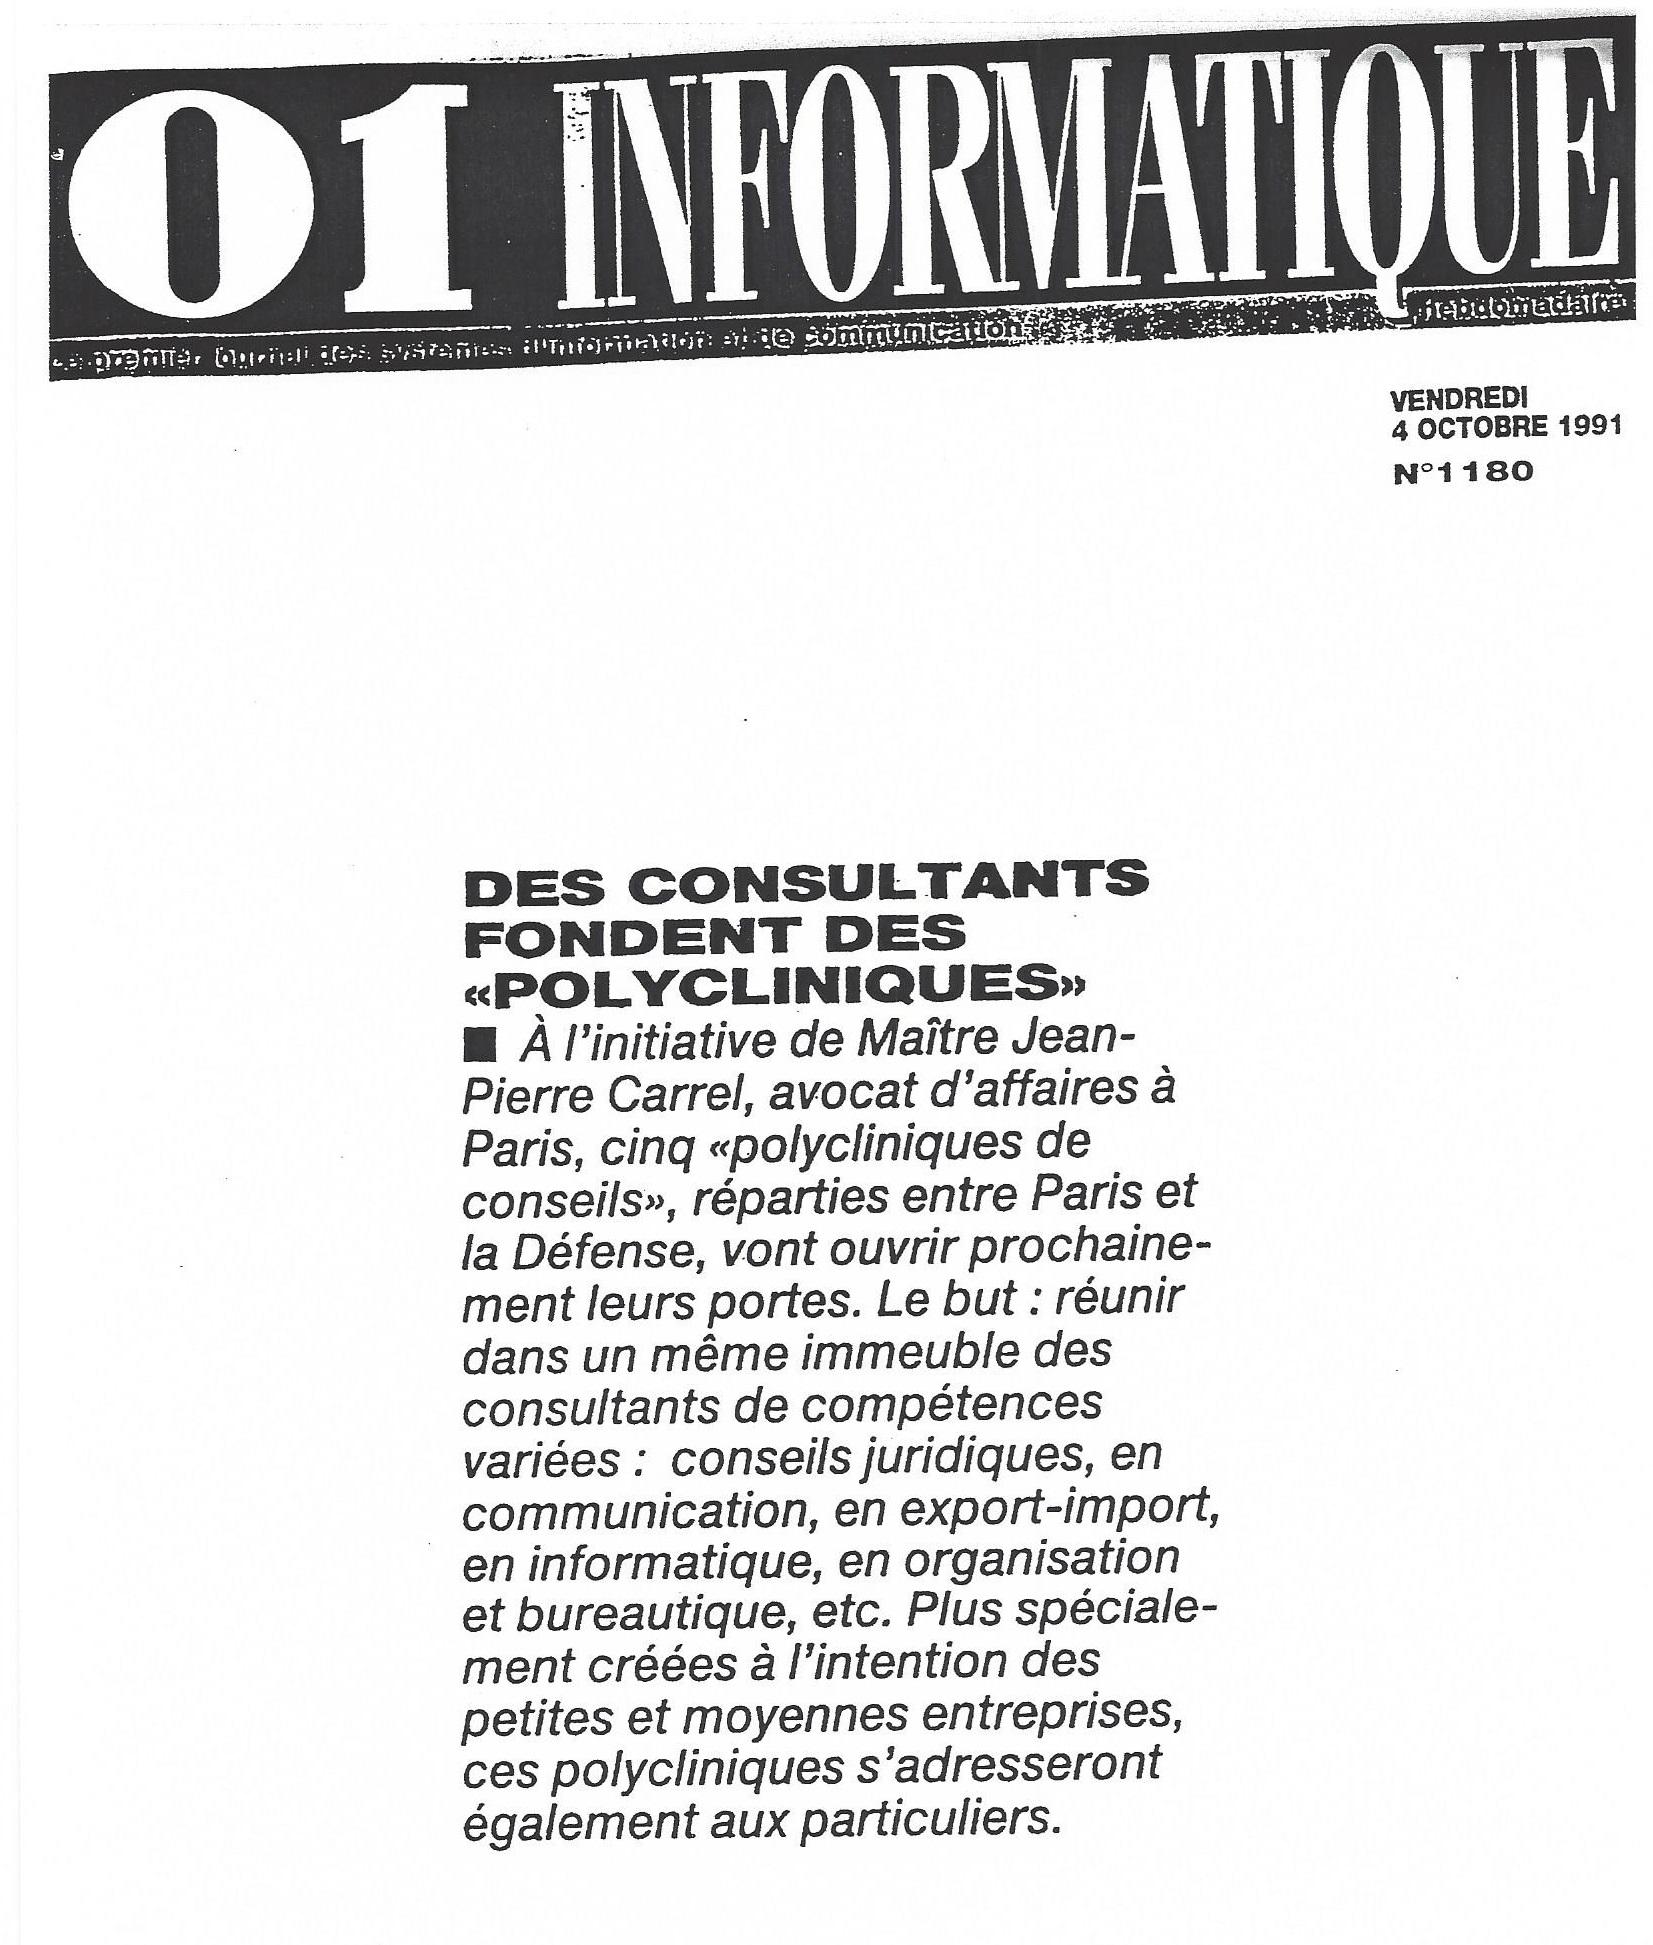 01 Informatique